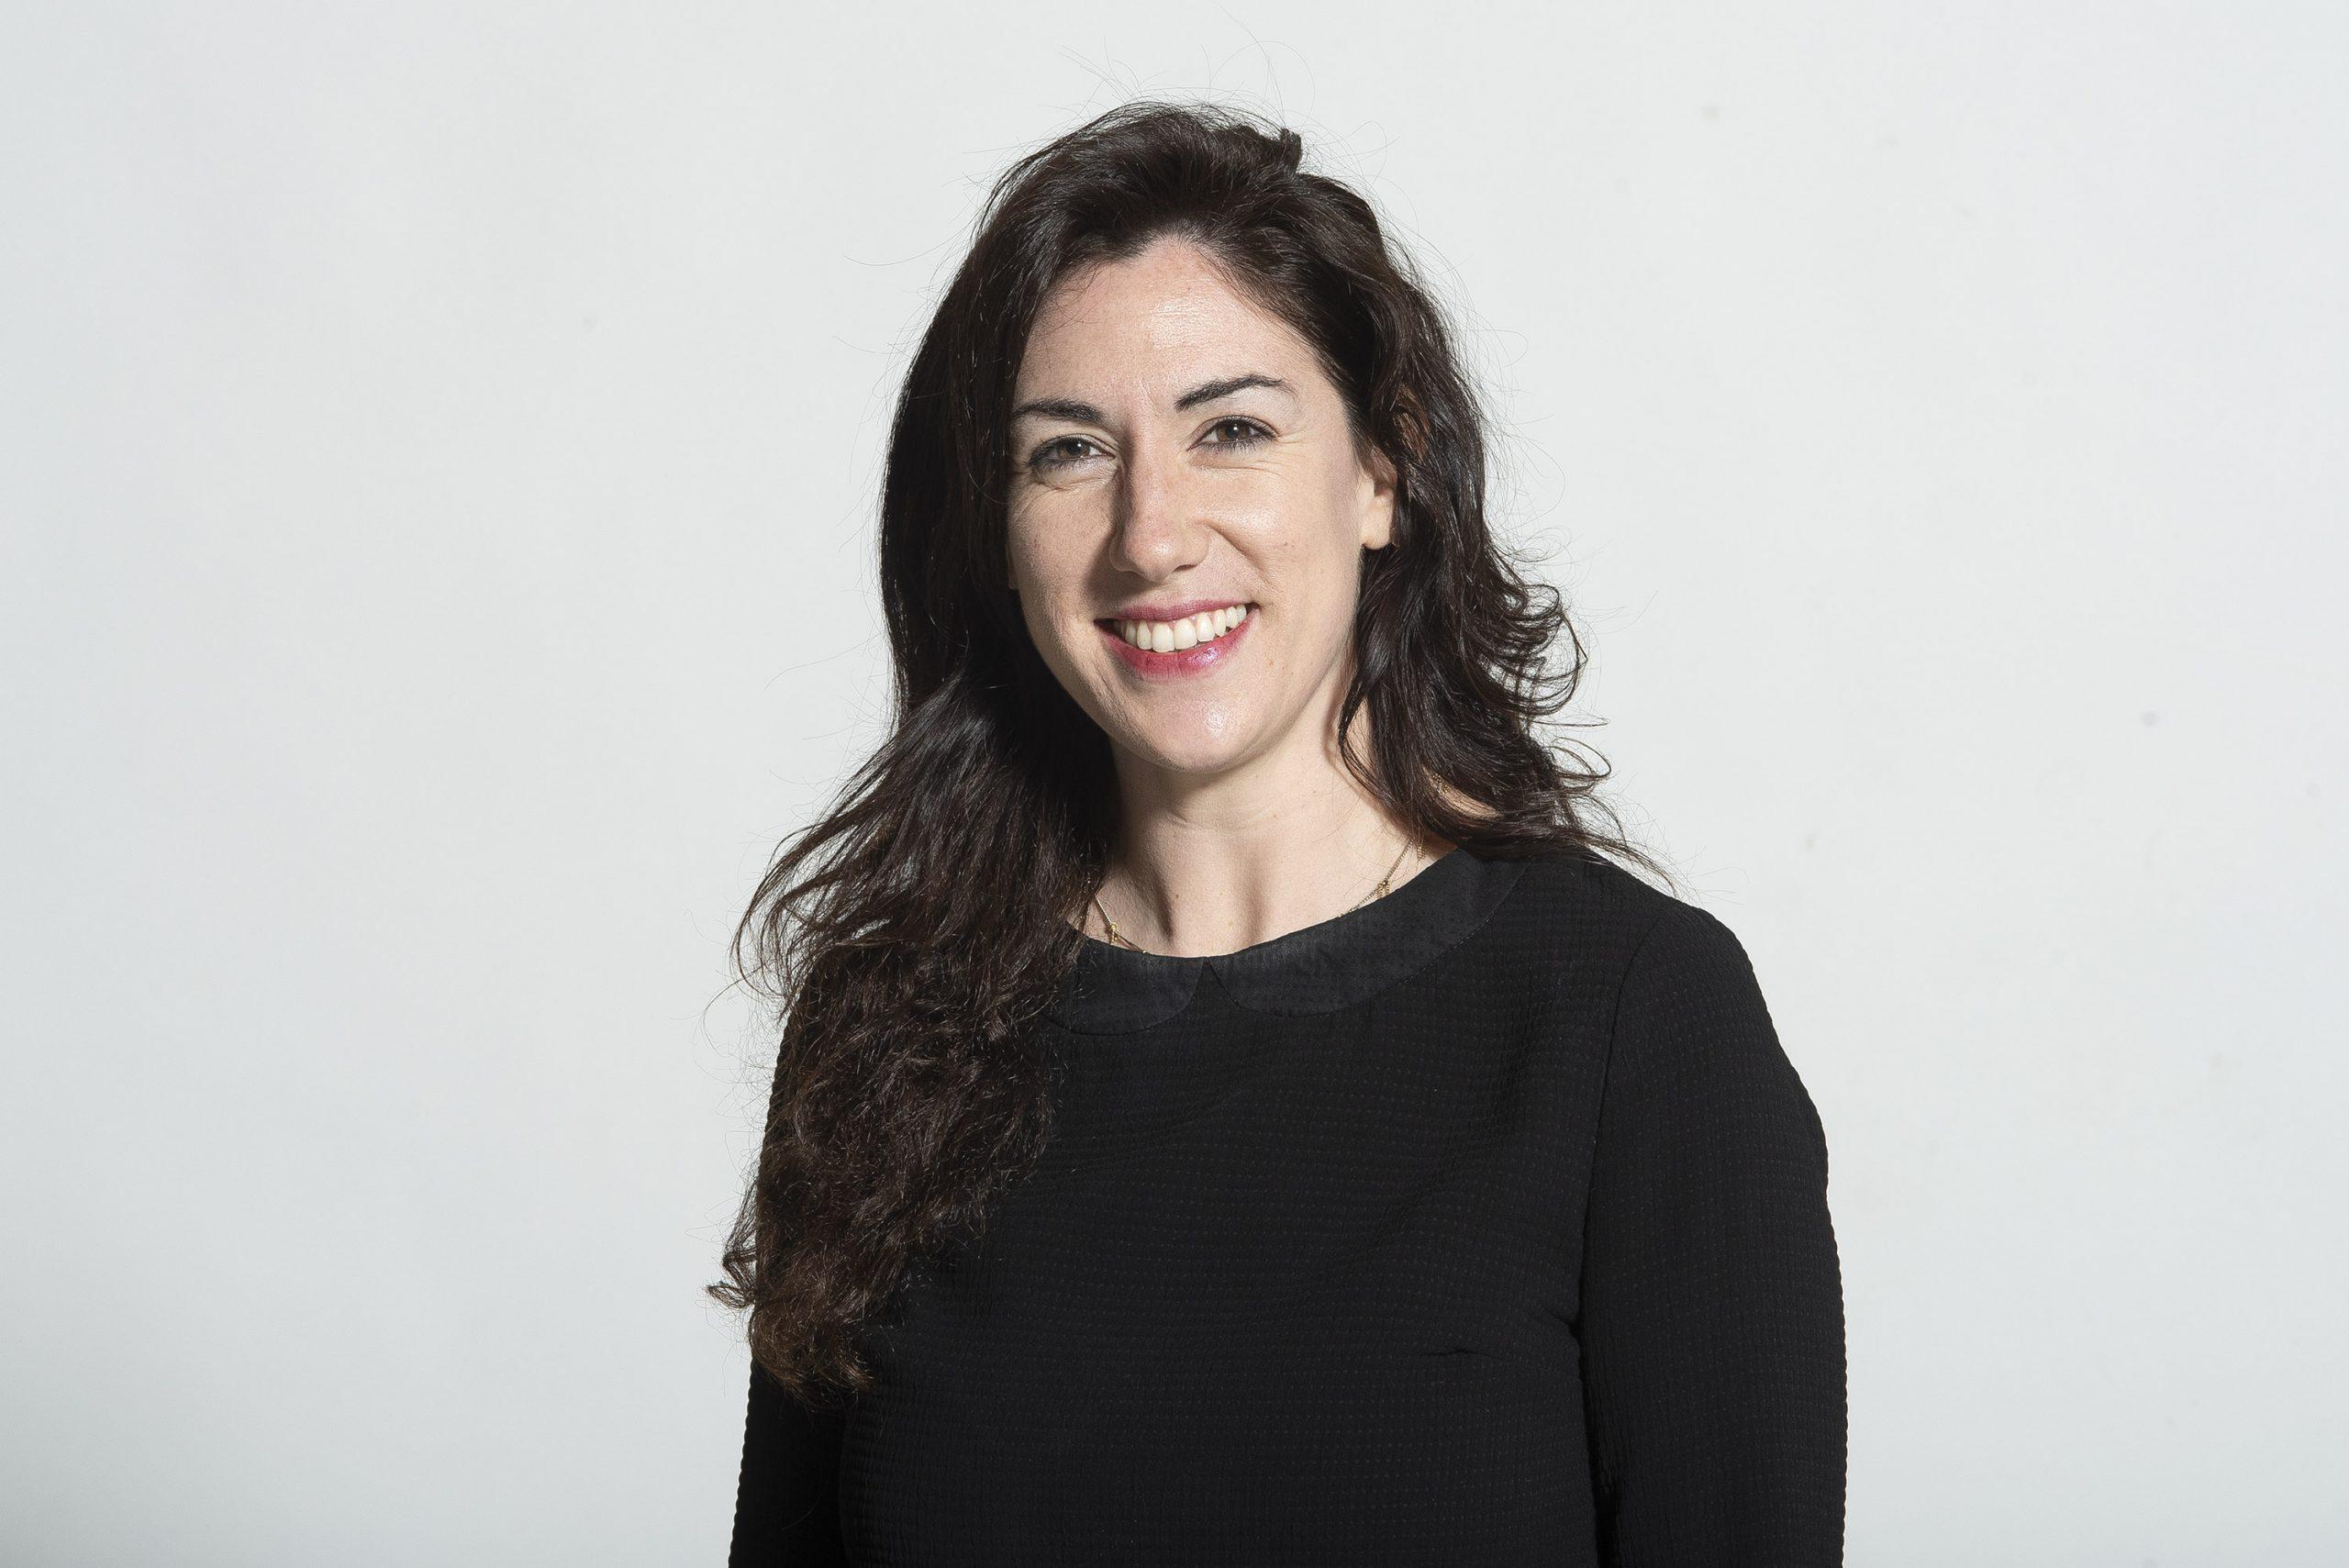 Francesca Merz